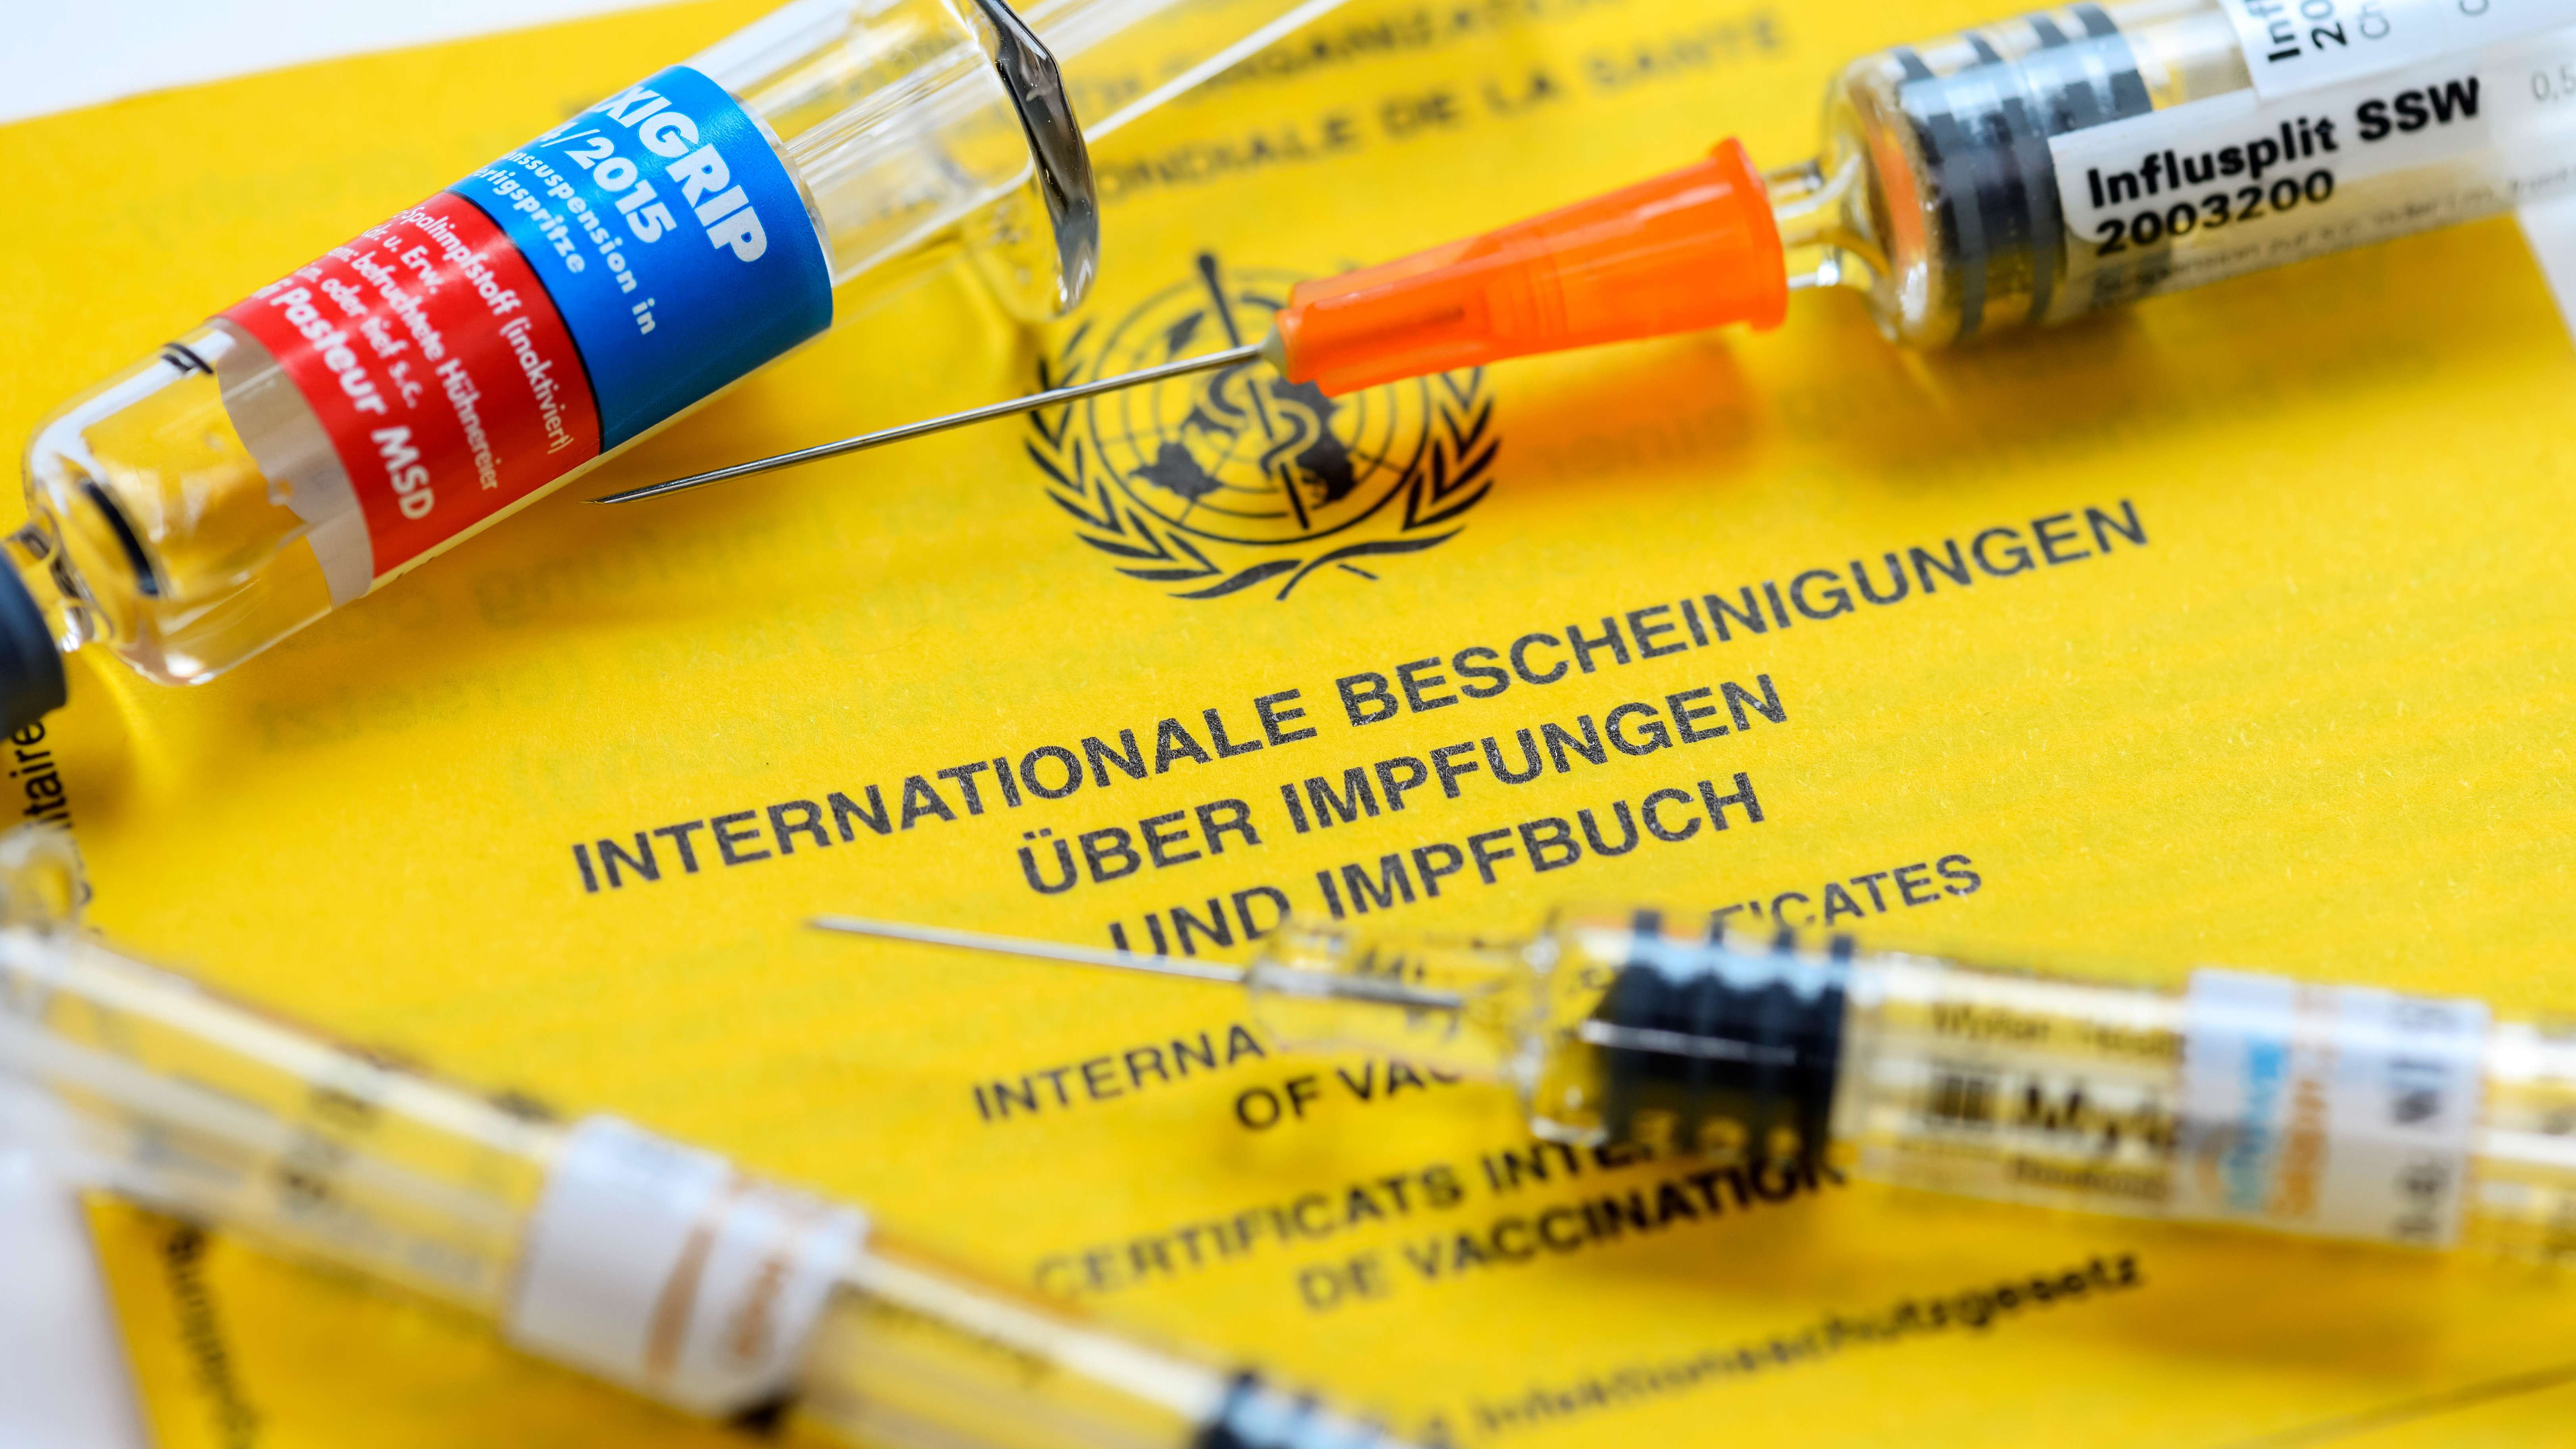 Impfausweis und Impfspritzen